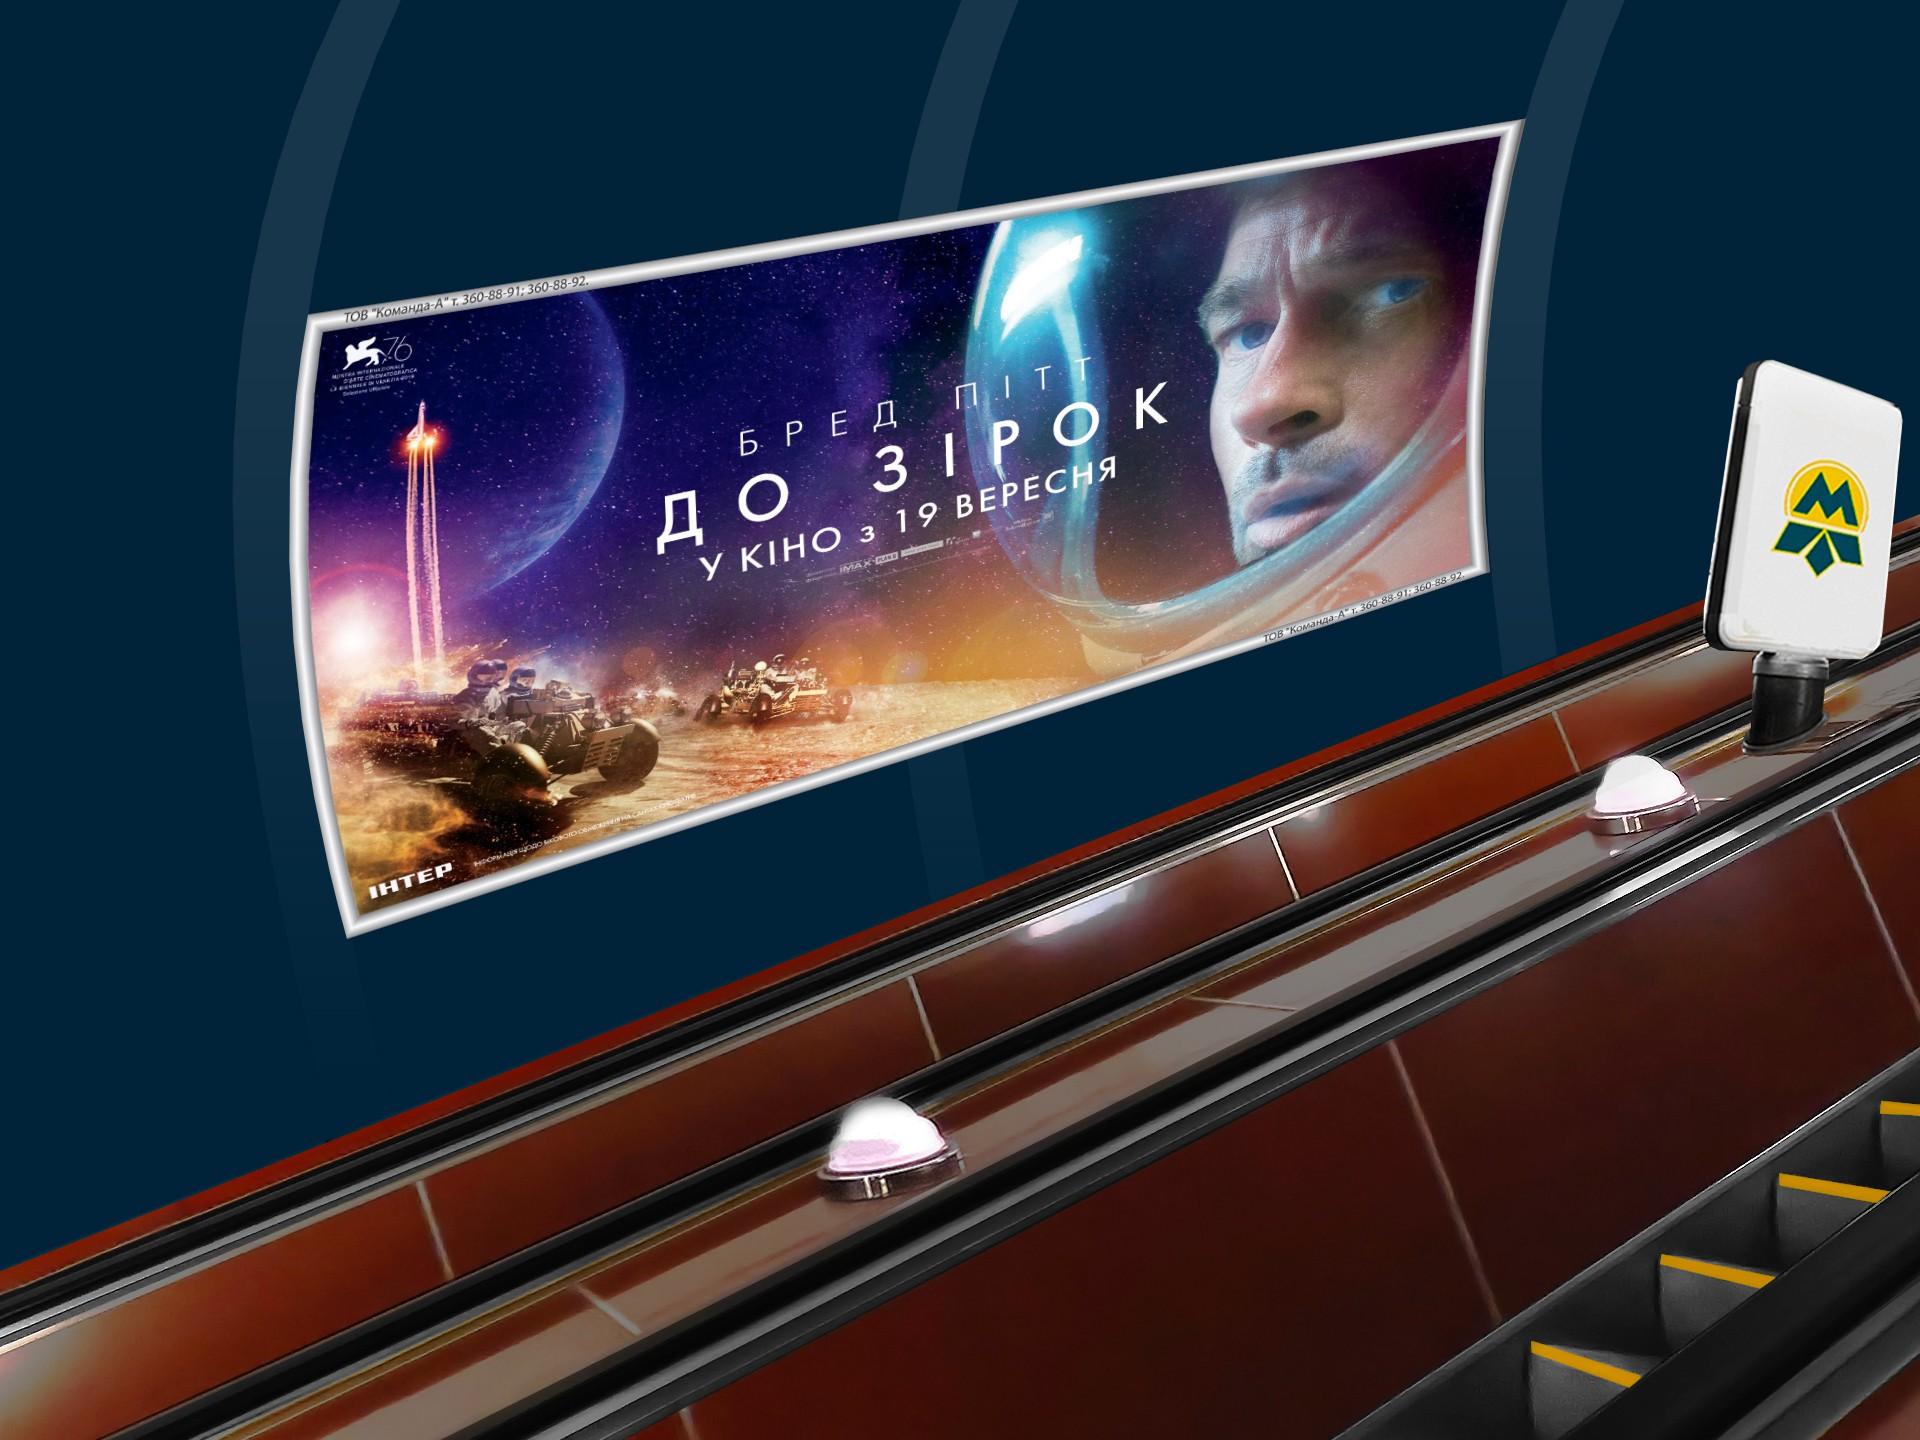 Повідомити про майбутню подію чи продаж товару поблизу можна за допомогою реклами на ескалаторах!